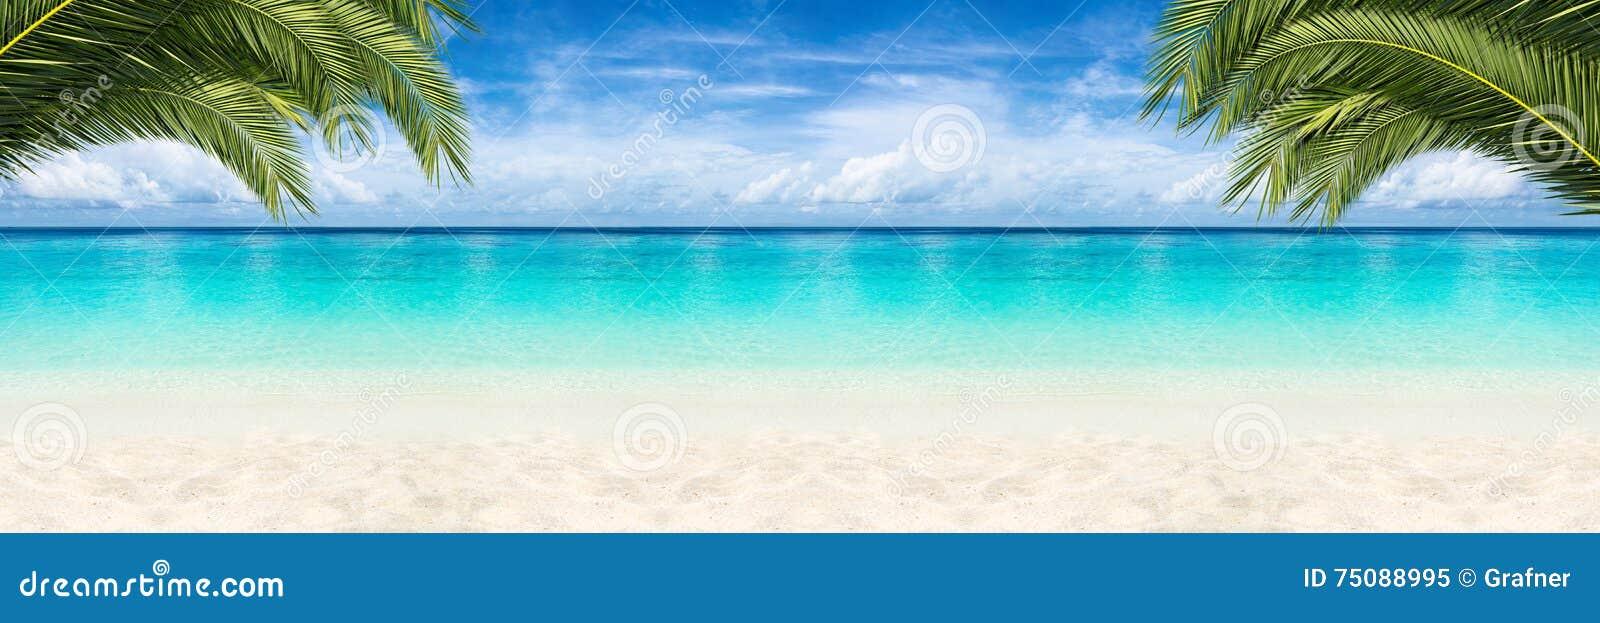 Fondo della spiaggia di paradiso